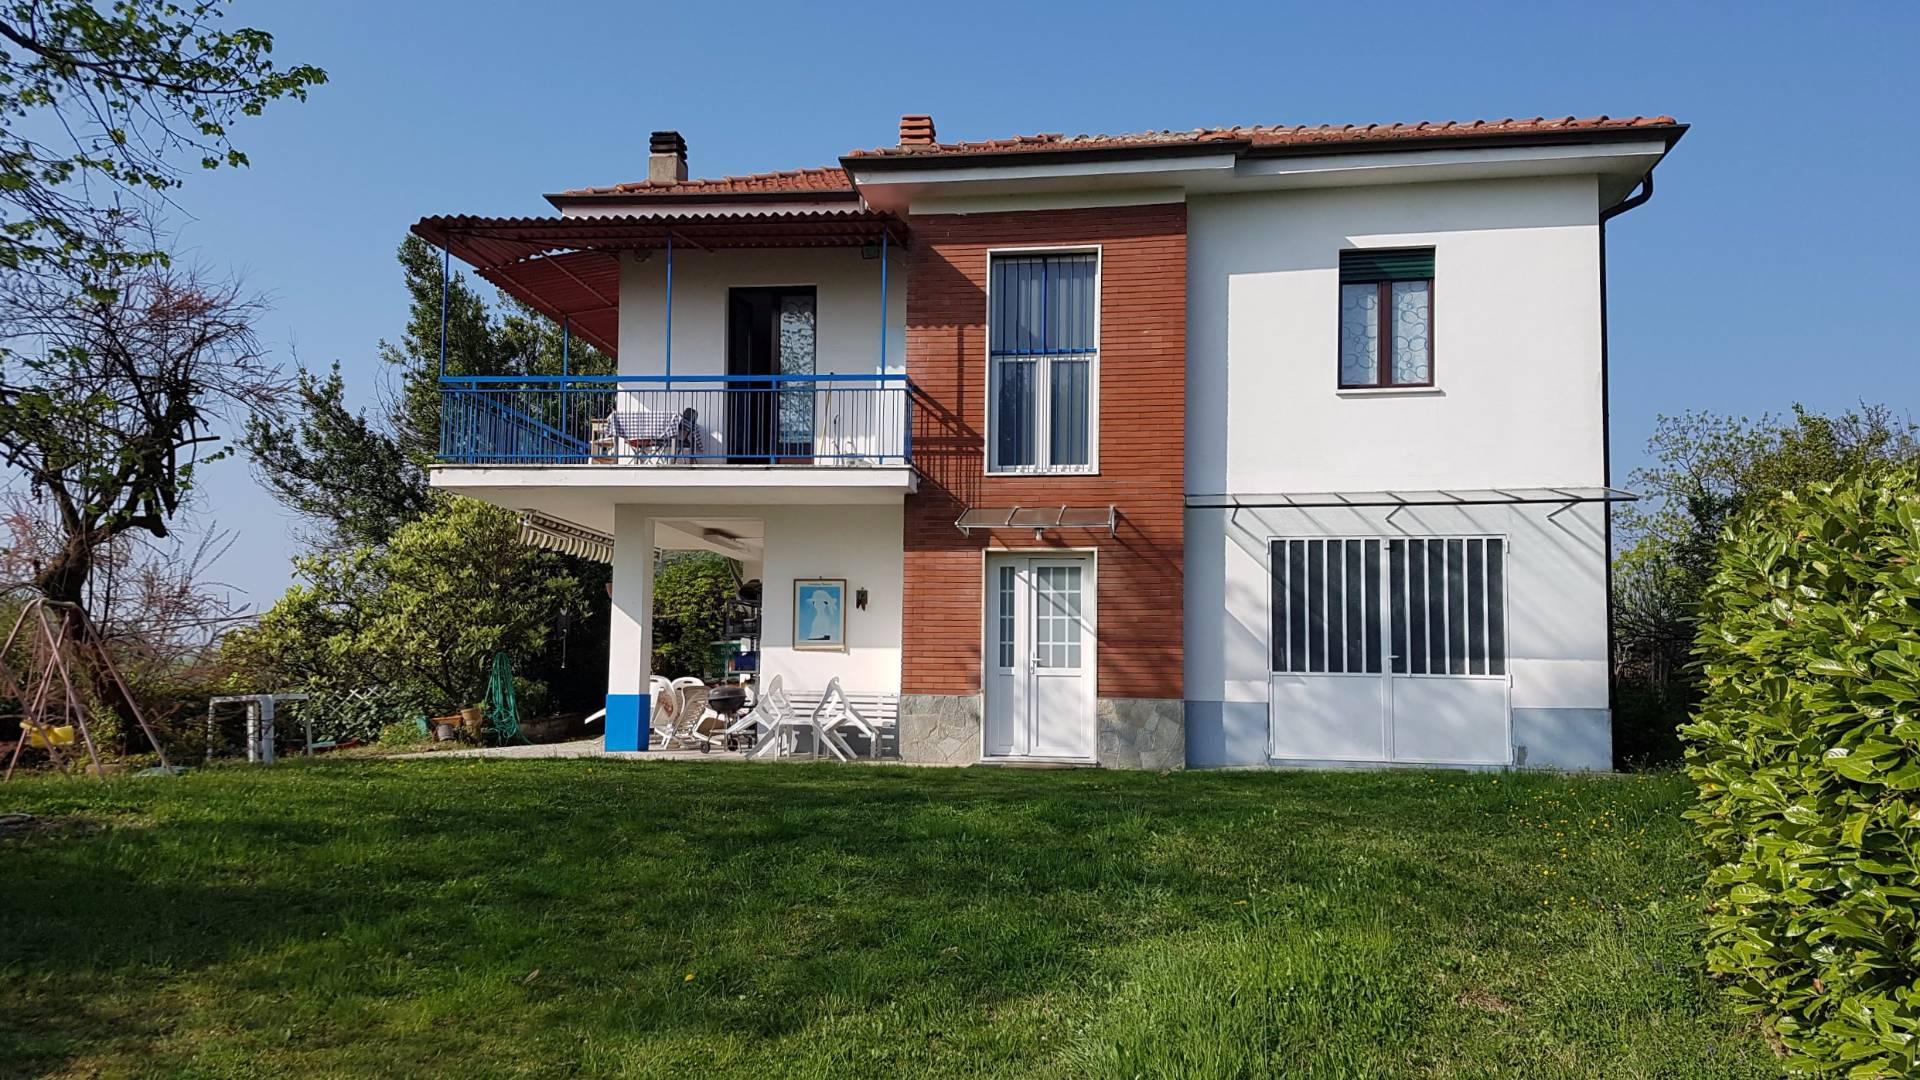 Soluzione Indipendente in vendita a Pavarolo, 4 locali, prezzo € 180.000 | CambioCasa.it